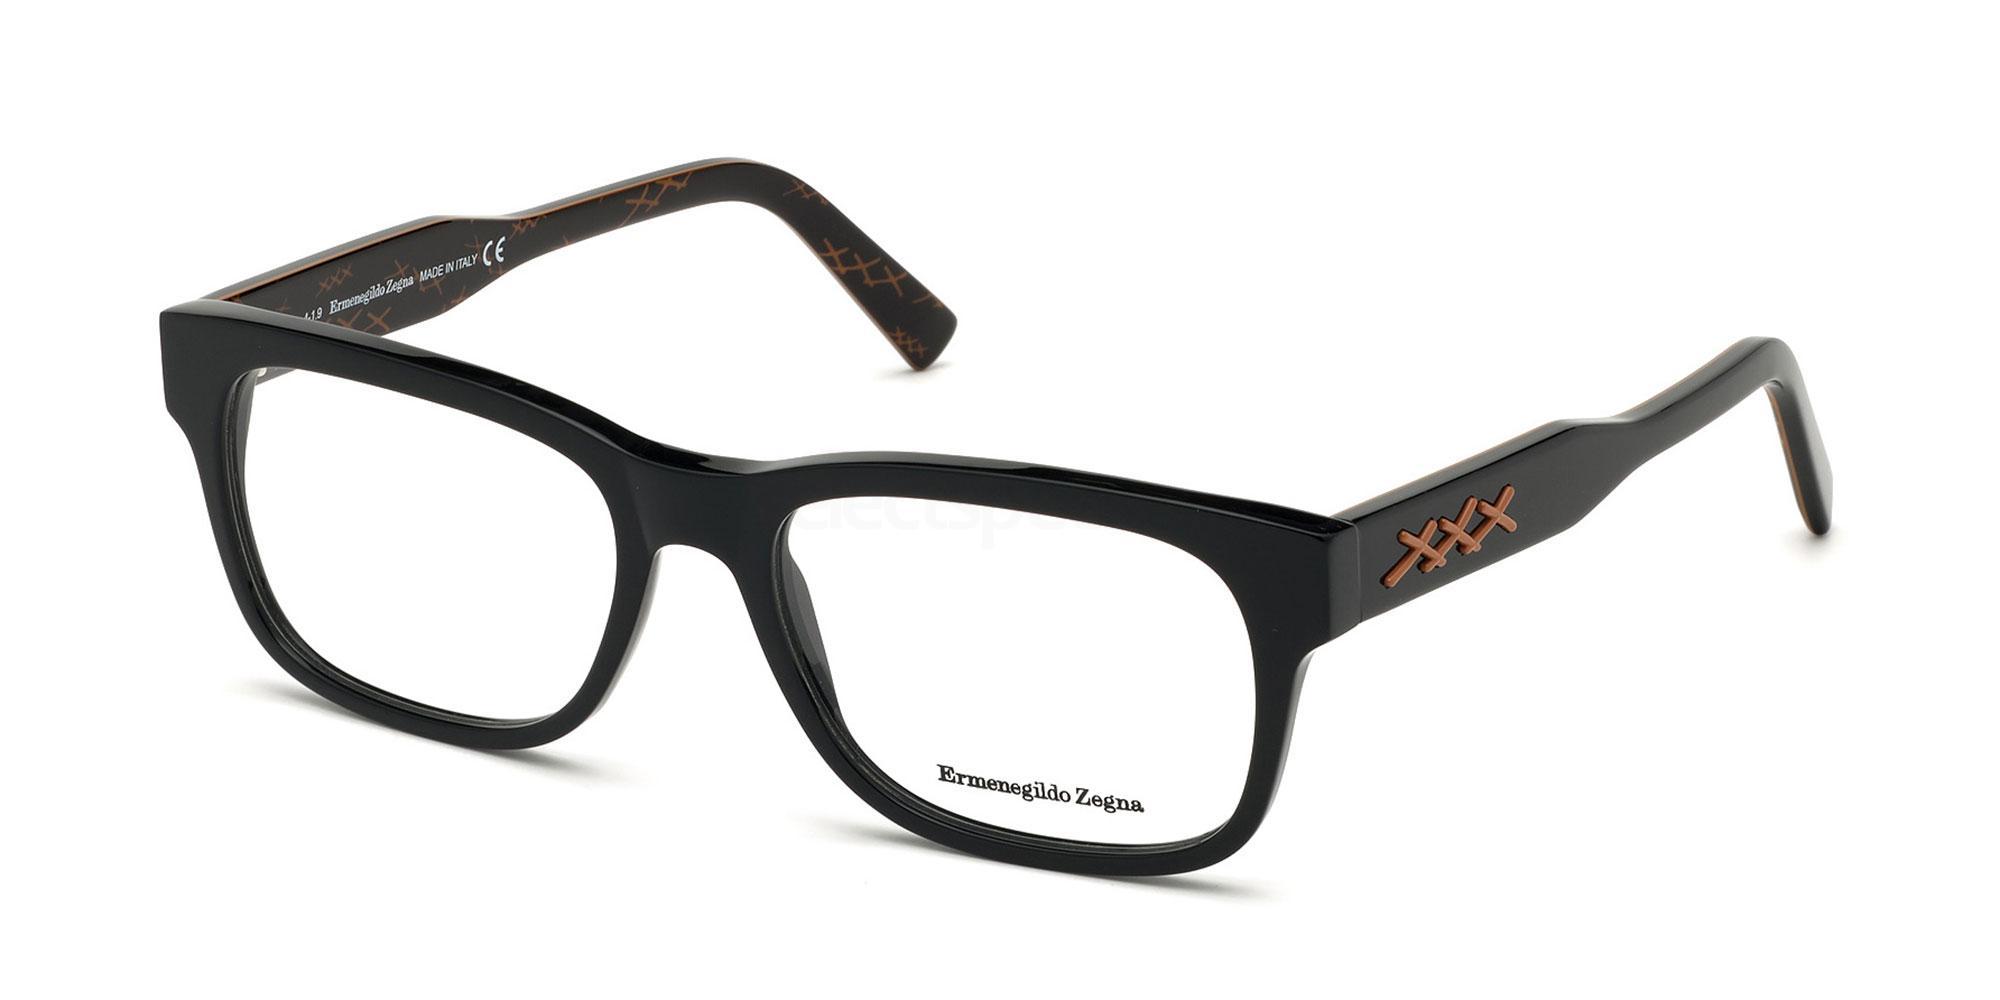 001 EZ5173 Glasses, Ermenegildo Zegna